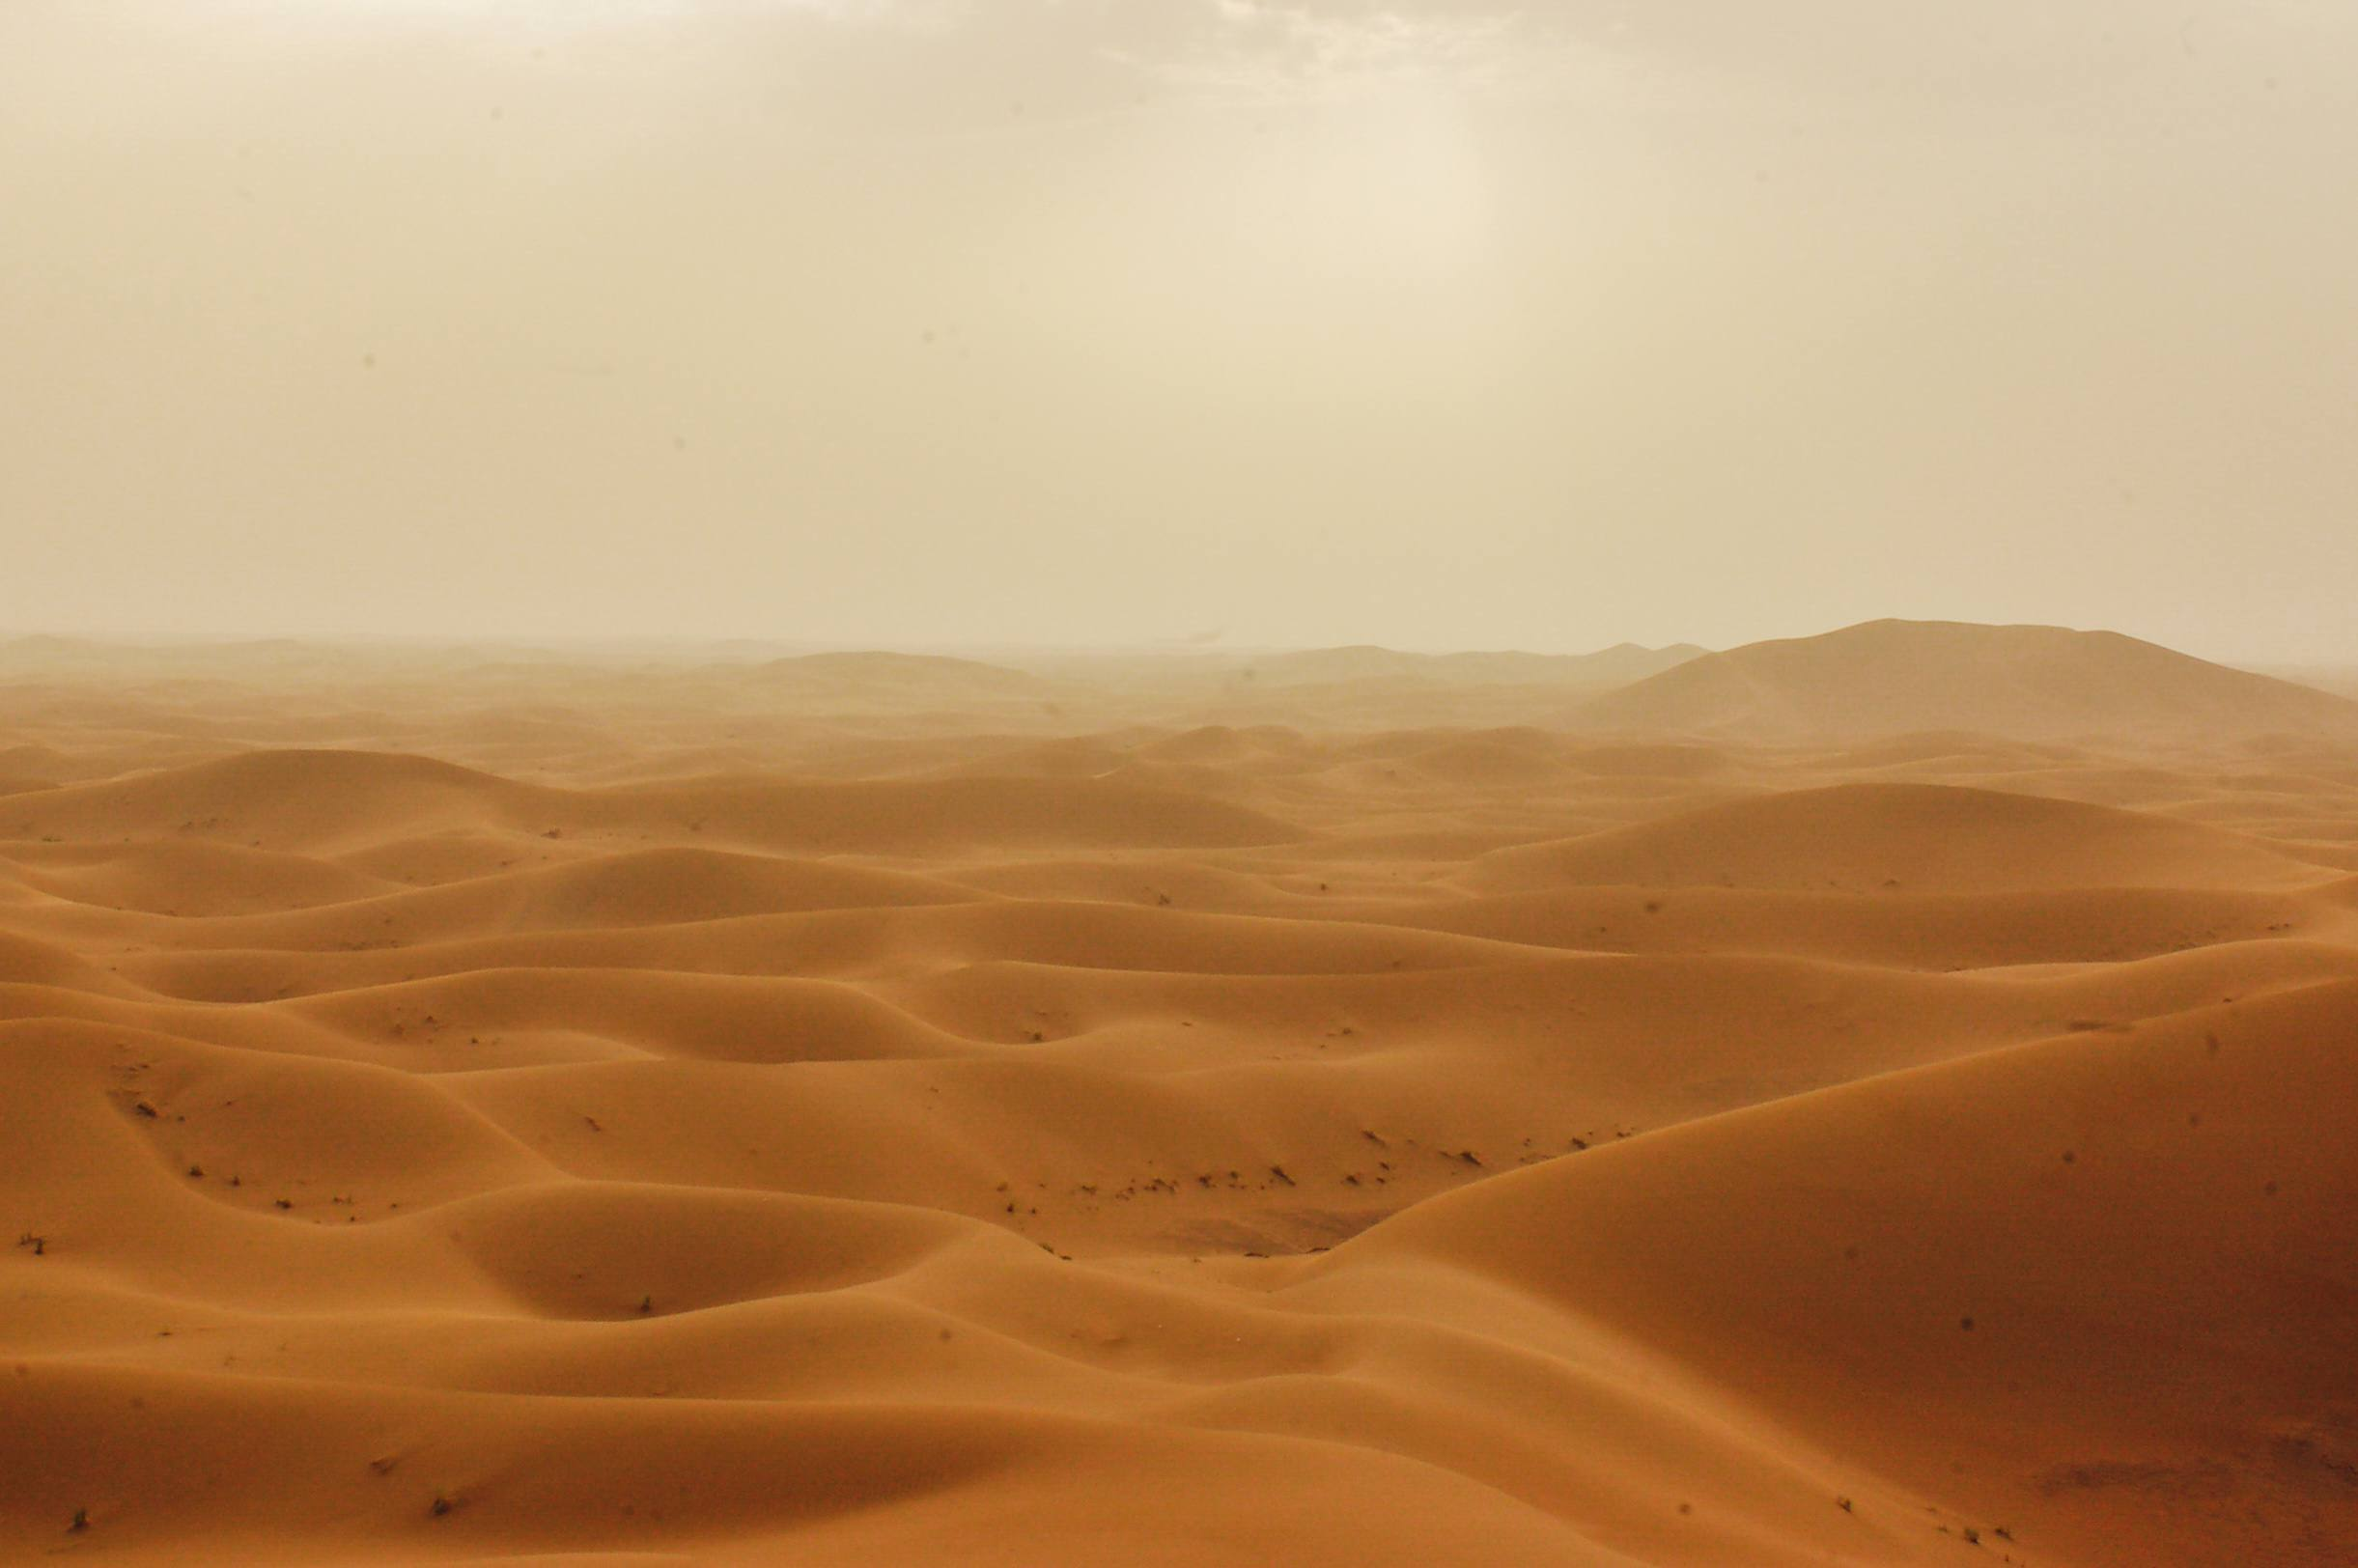 The saharra desert on a misty day